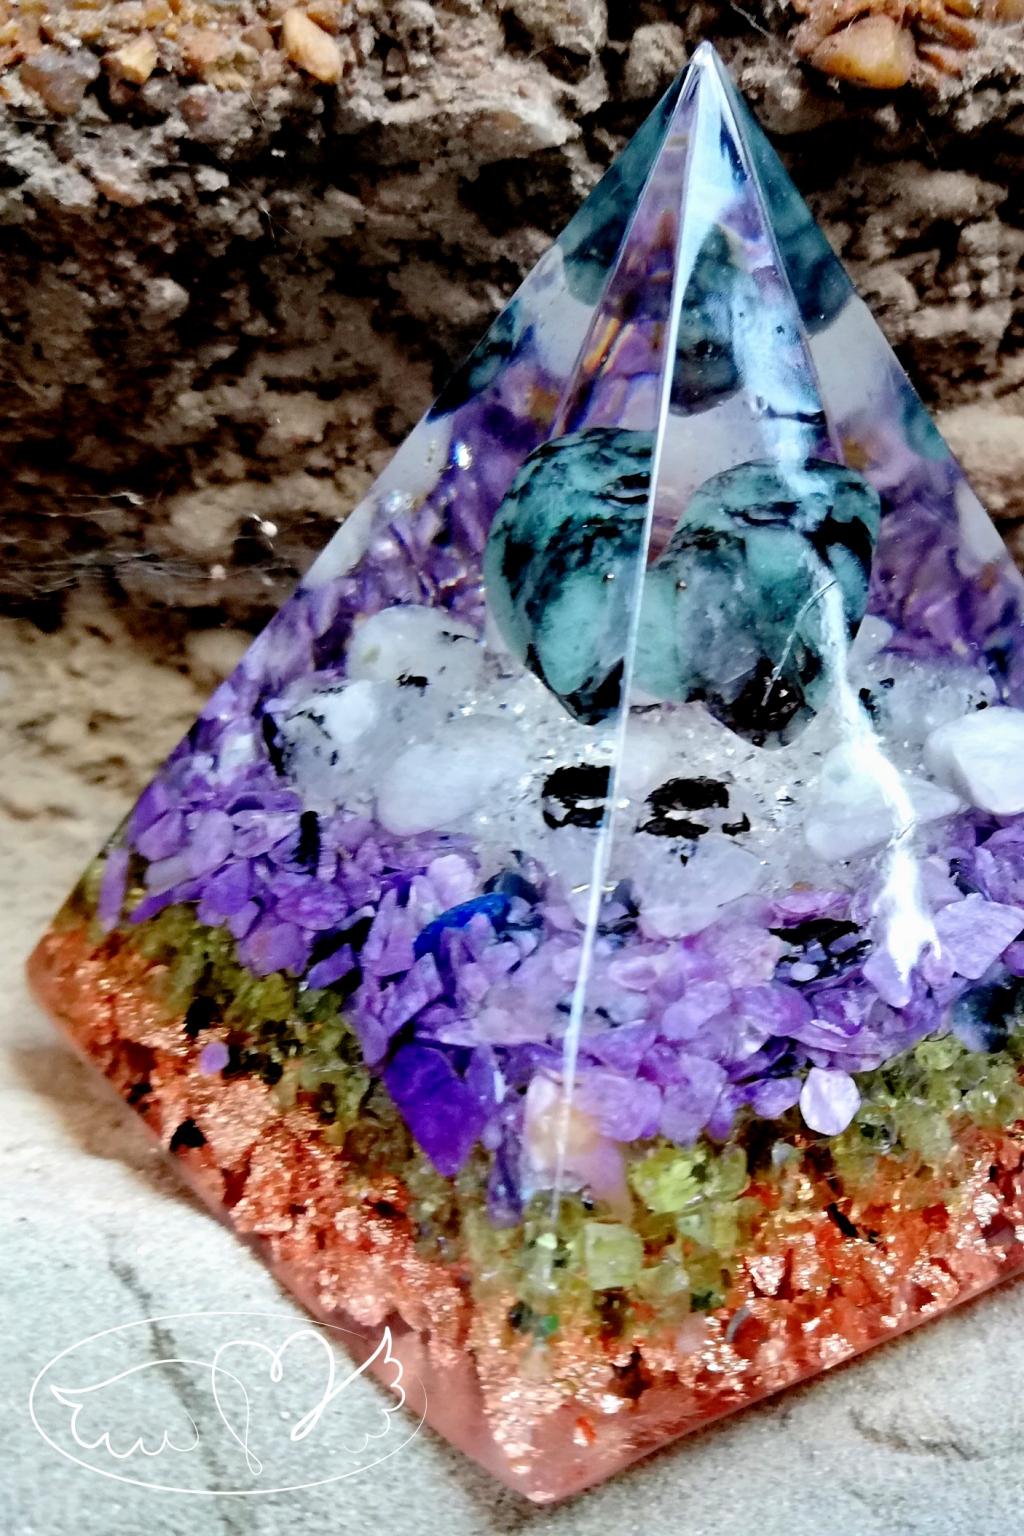 Orgonitová pyramida - Léčím tvé srdce